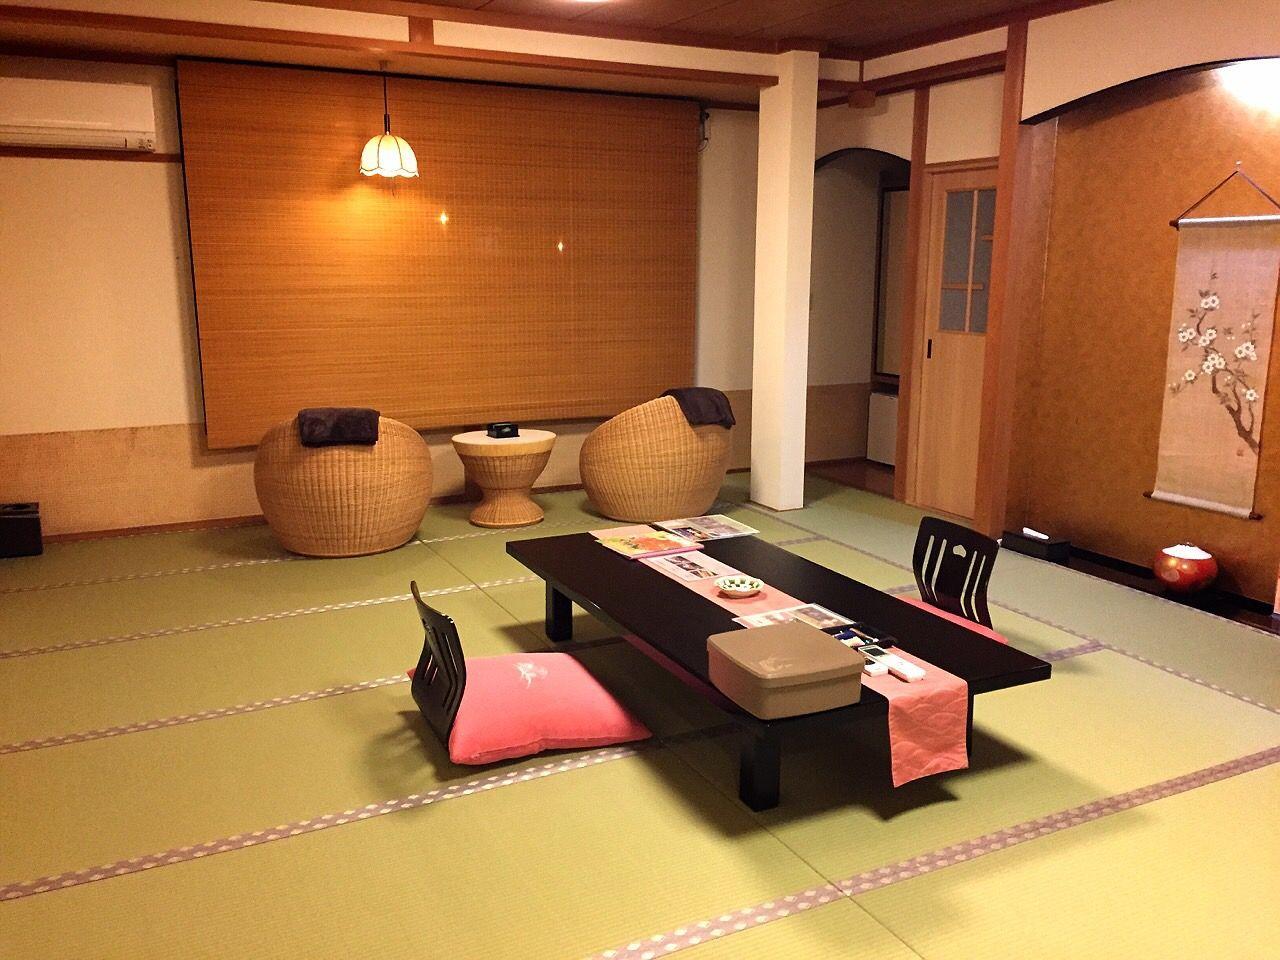 「木造の宿 橋津屋」のセンスが伺える客室の数々